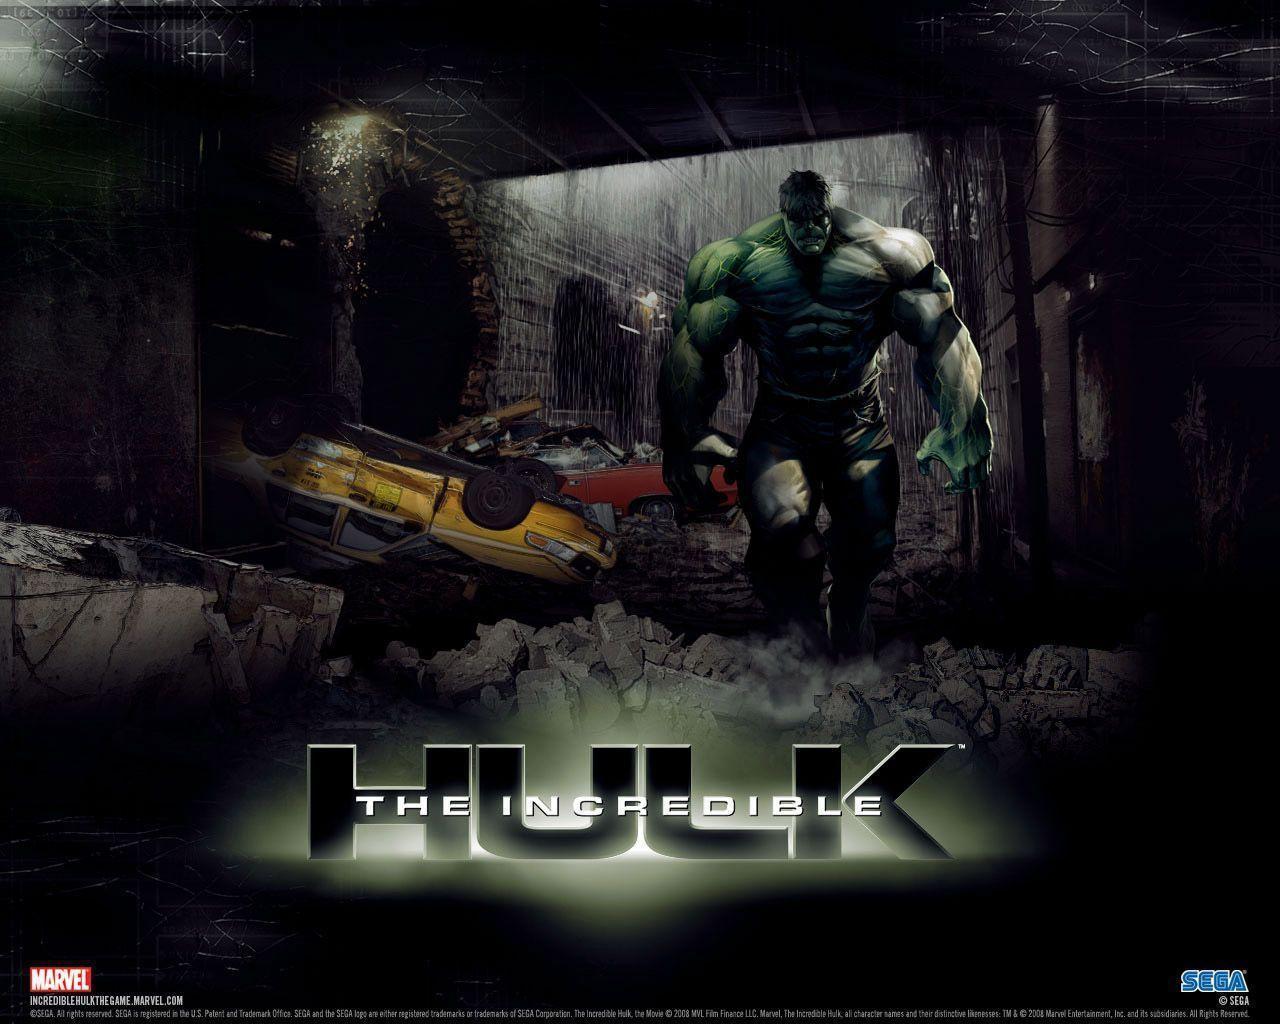 Wallpapers For > Incredible Hulk Wallpaper